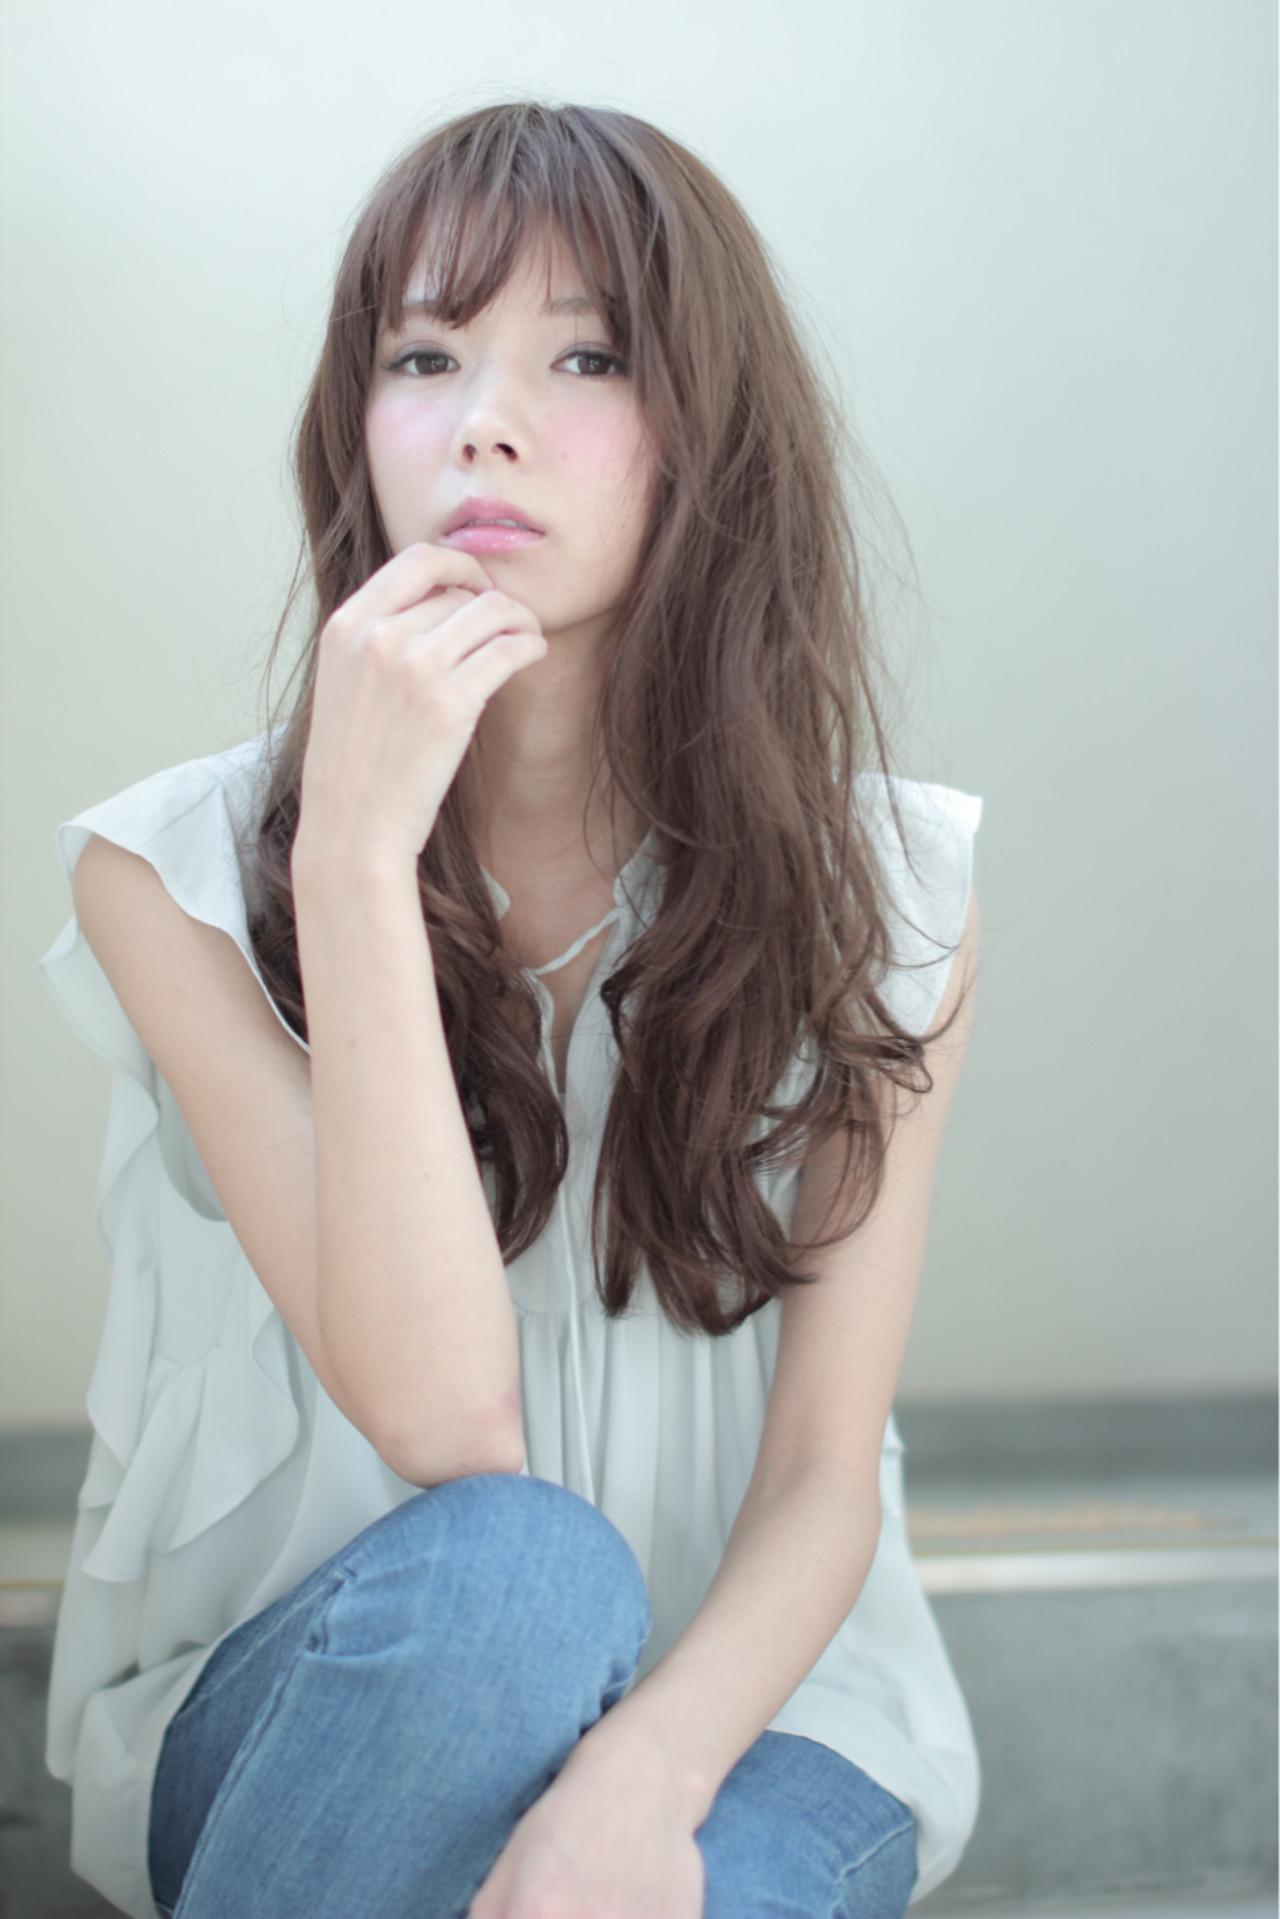 ルーズ ロング ラフ パーマ ヘアスタイルや髪型の写真・画像 | 中村 猛 / MODE K's 塚本店 (モードケイズ)